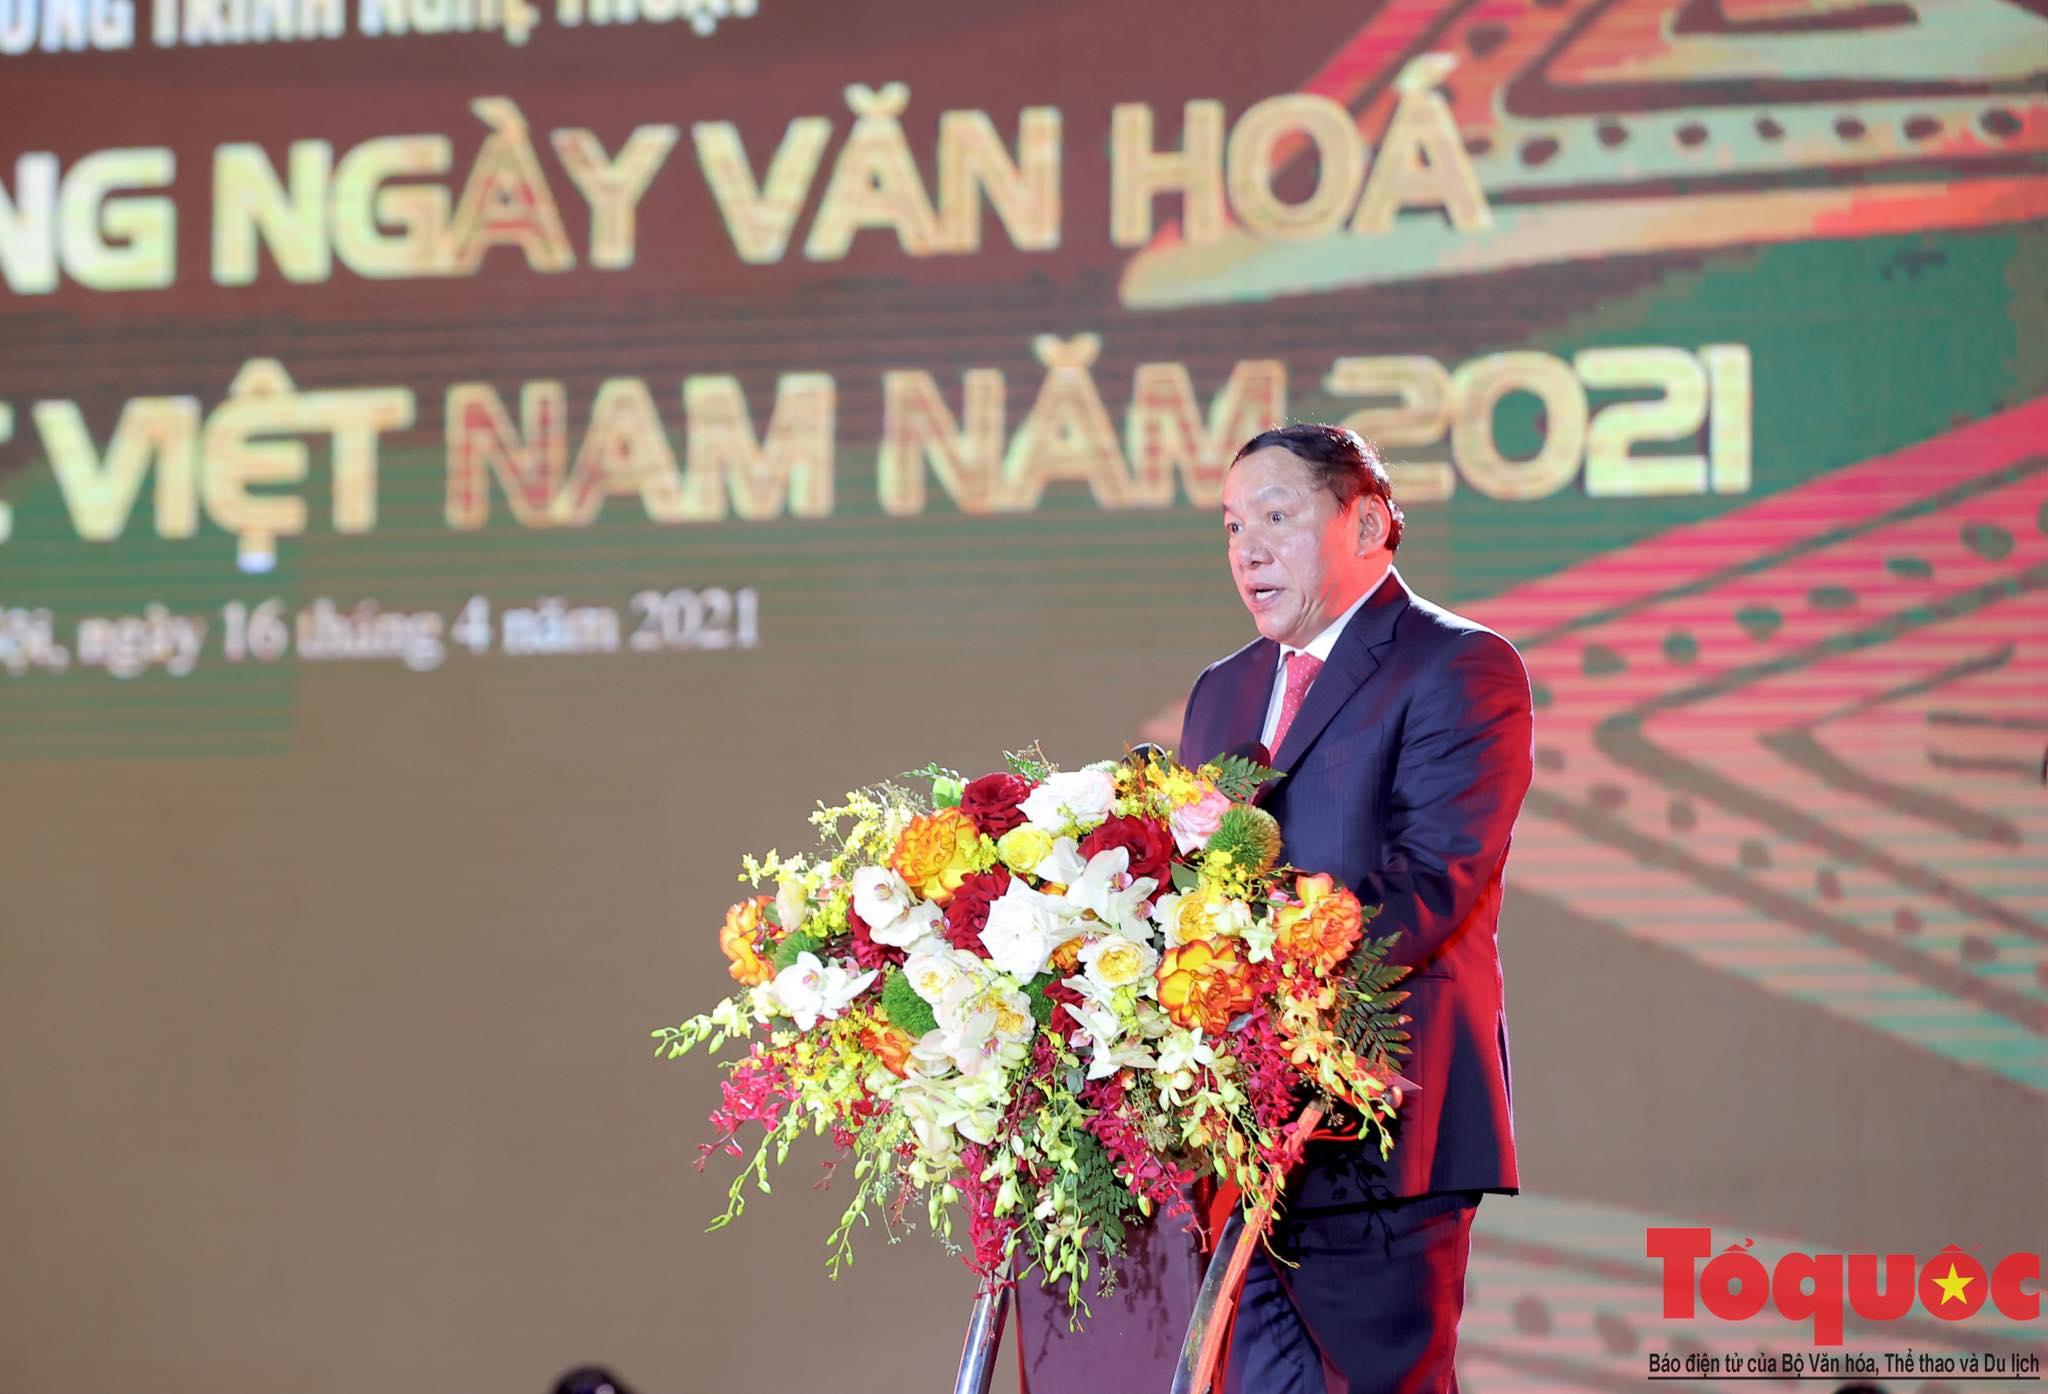 """Chùm ảnh: Chương trình nghệ thuật đặc sắc """"Văn hoá các dân tộc – Hội tụ và phát triển"""" chào mừng Ngày Văn hoá các dân tộc Việt Nam 2021 - Ảnh 5."""